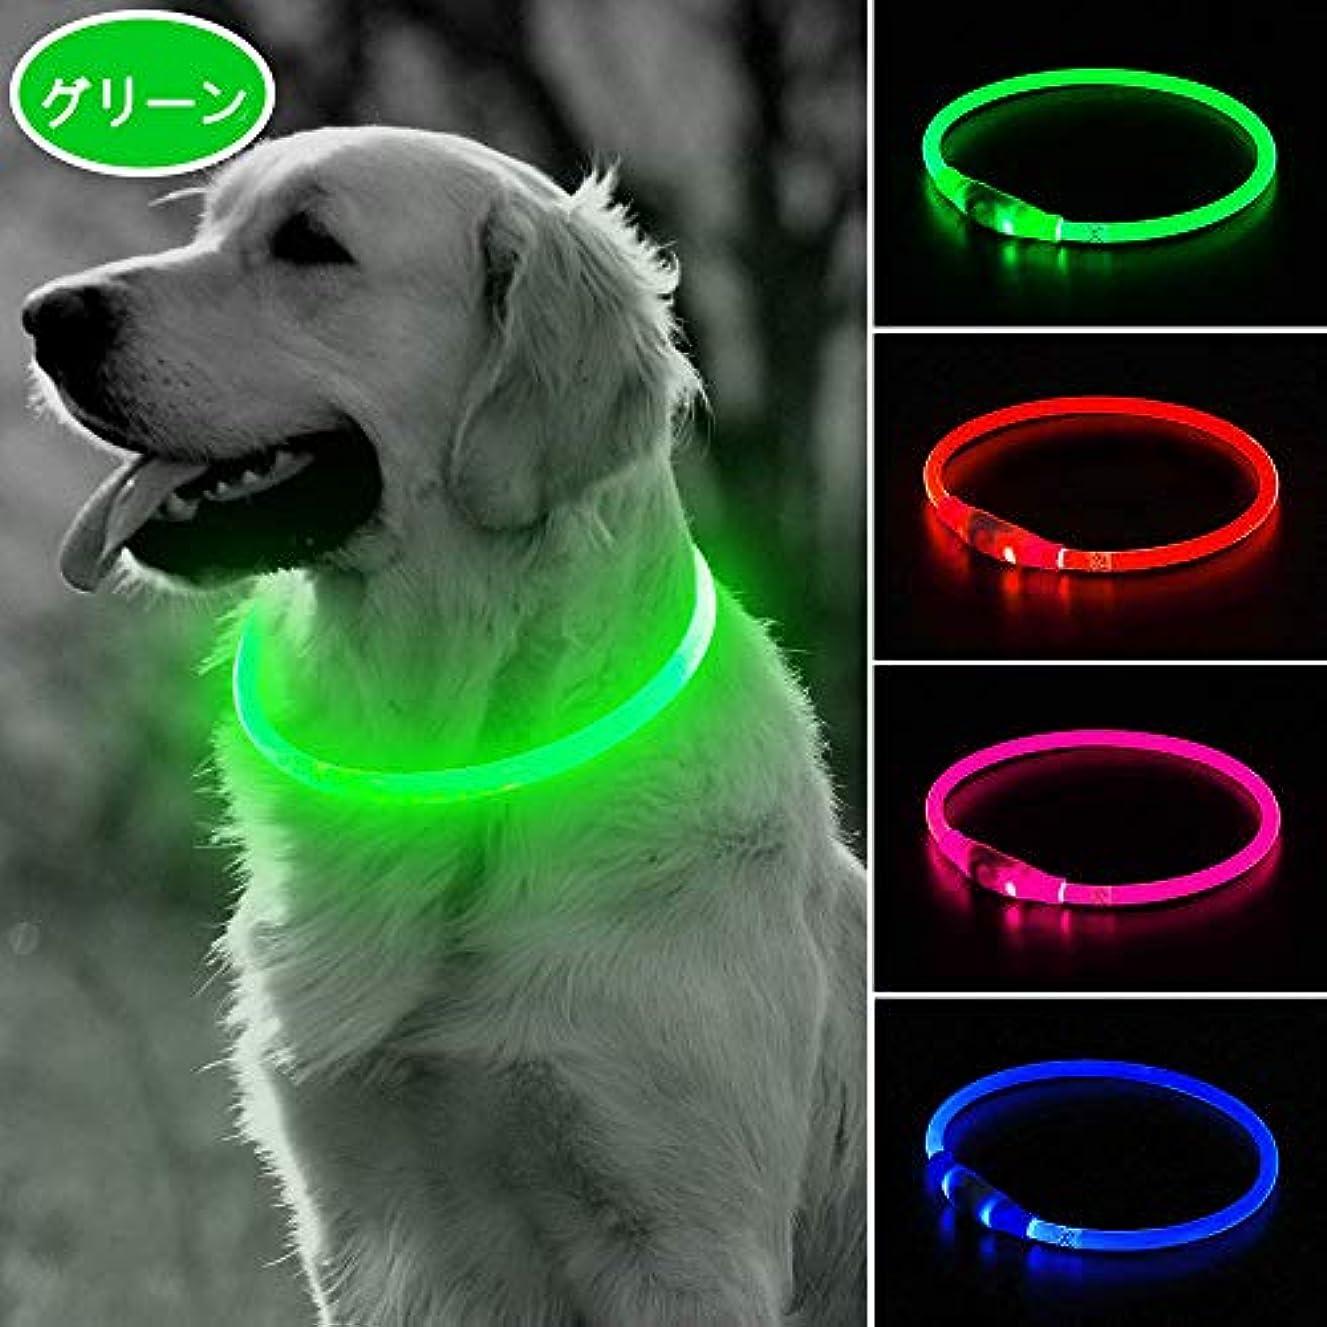 インシデント慈善石膏LED光る首輪,交換可能なバッテリーで駆動 [500m先から目視可能] ペット 夜間 安全性 [3種類のライトモードを搭載] 防水 スモール ミディアム ラージ [複数色ご用意]